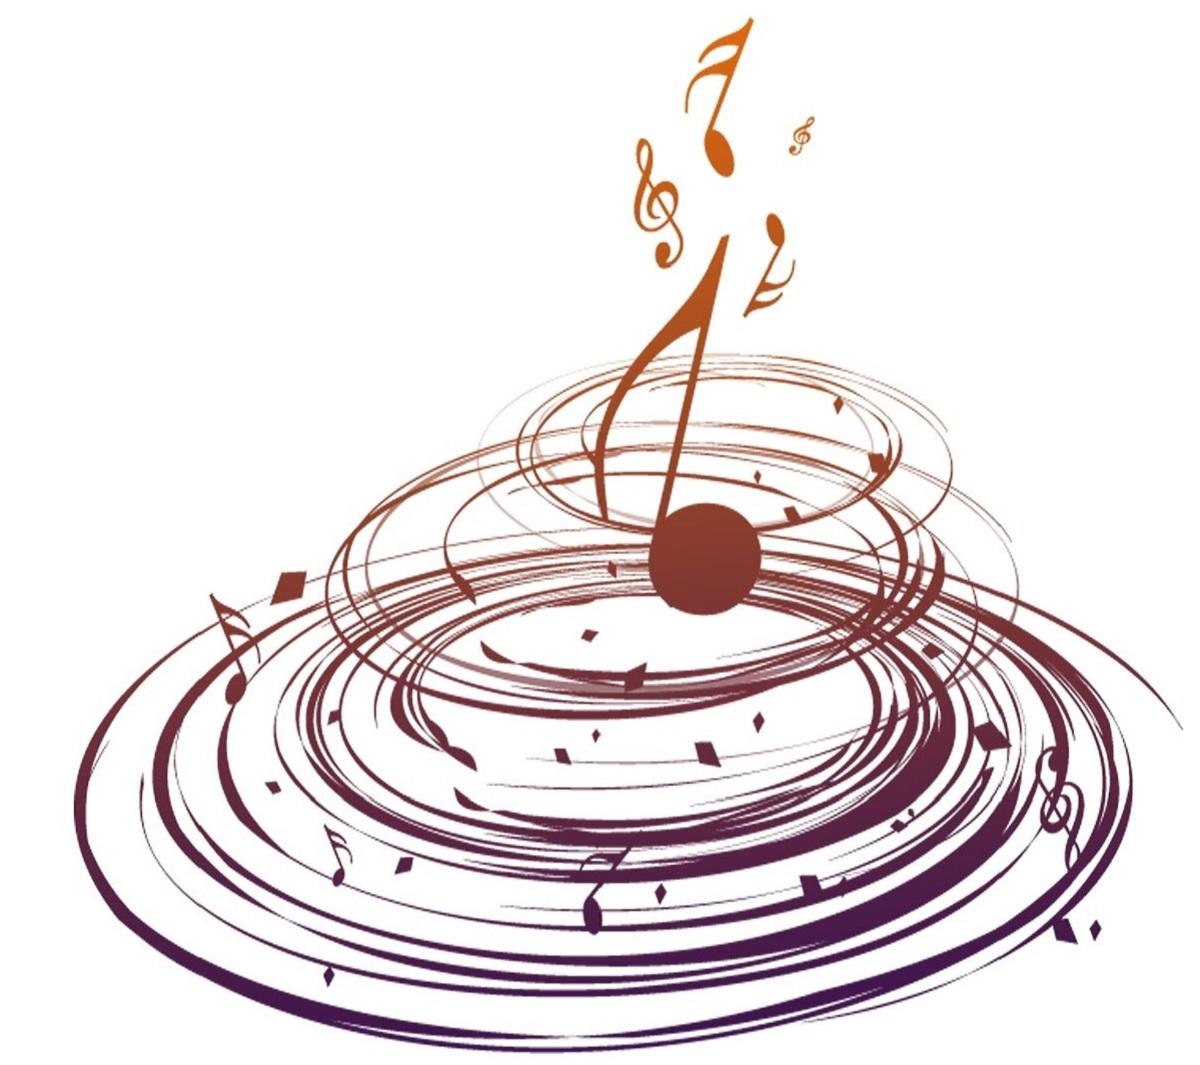 muzik notalari bublogta 1